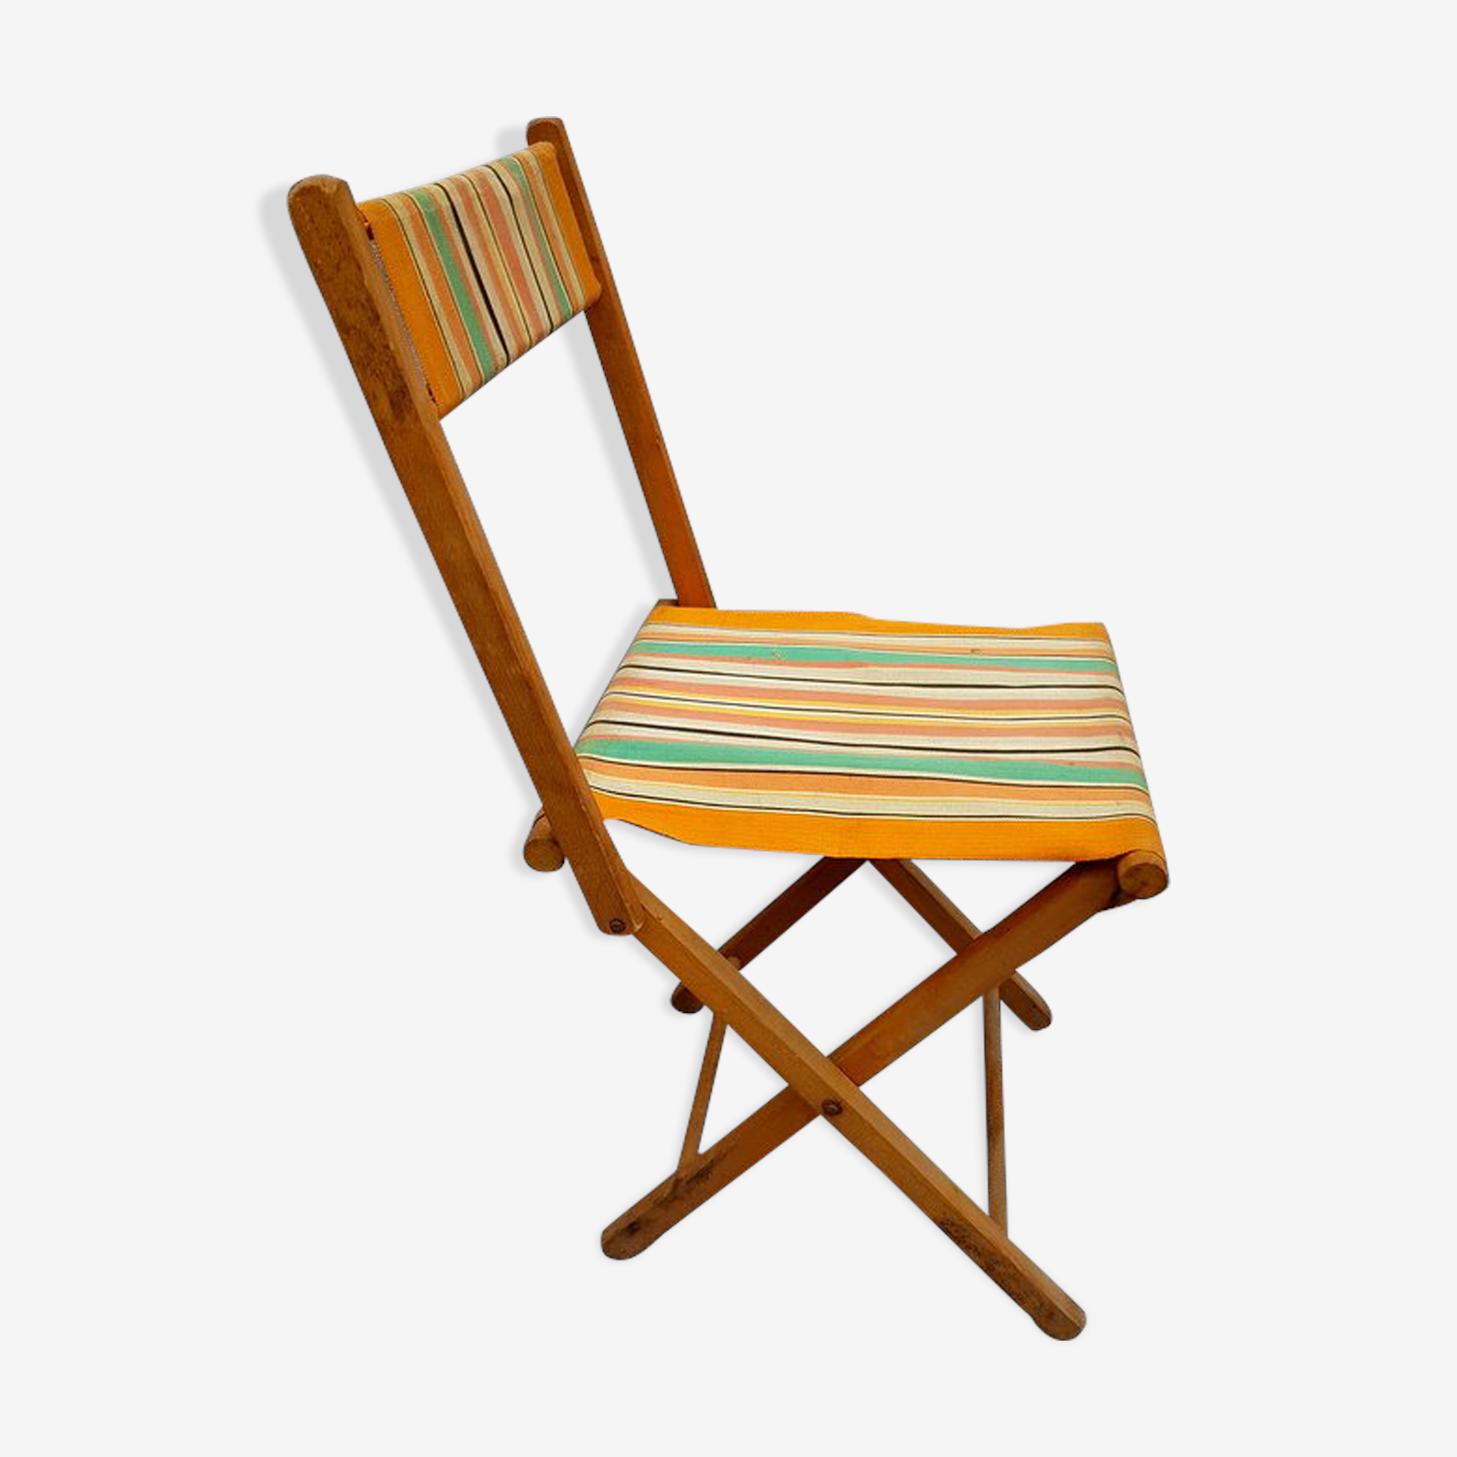 Ancienne chaise pliante de pêcheur en bois et toile bayadère